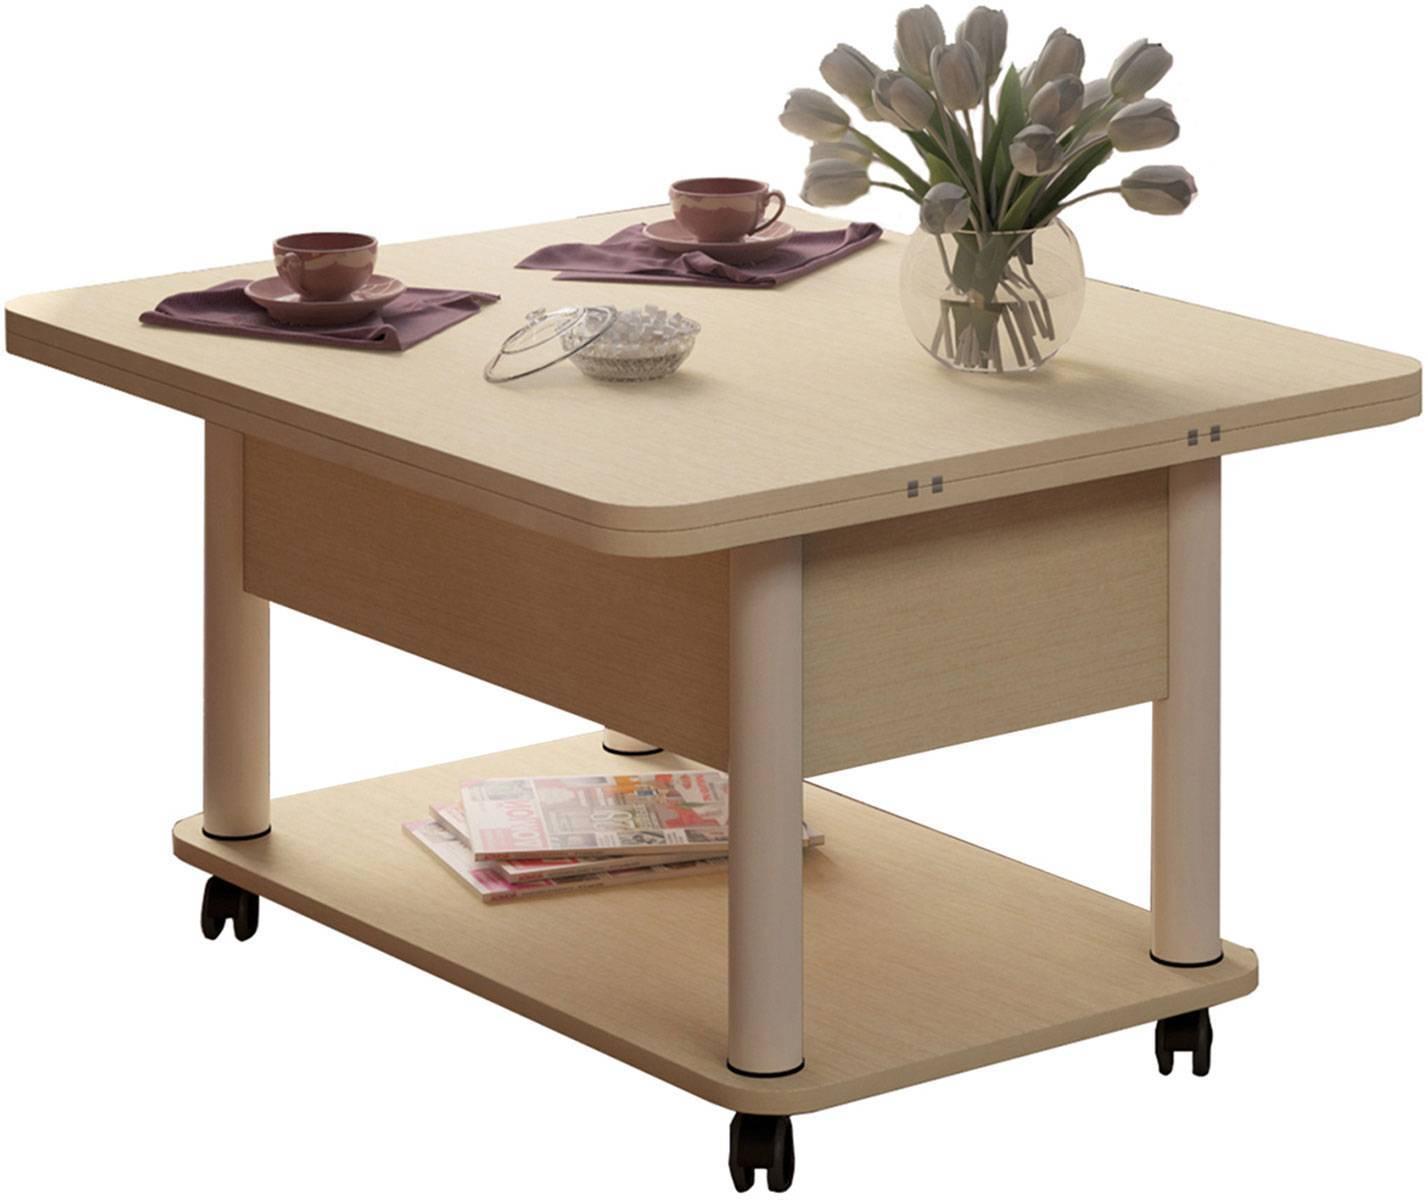 Трансформирующиеся столы — 30 моделей vestel-remont-msk.ru